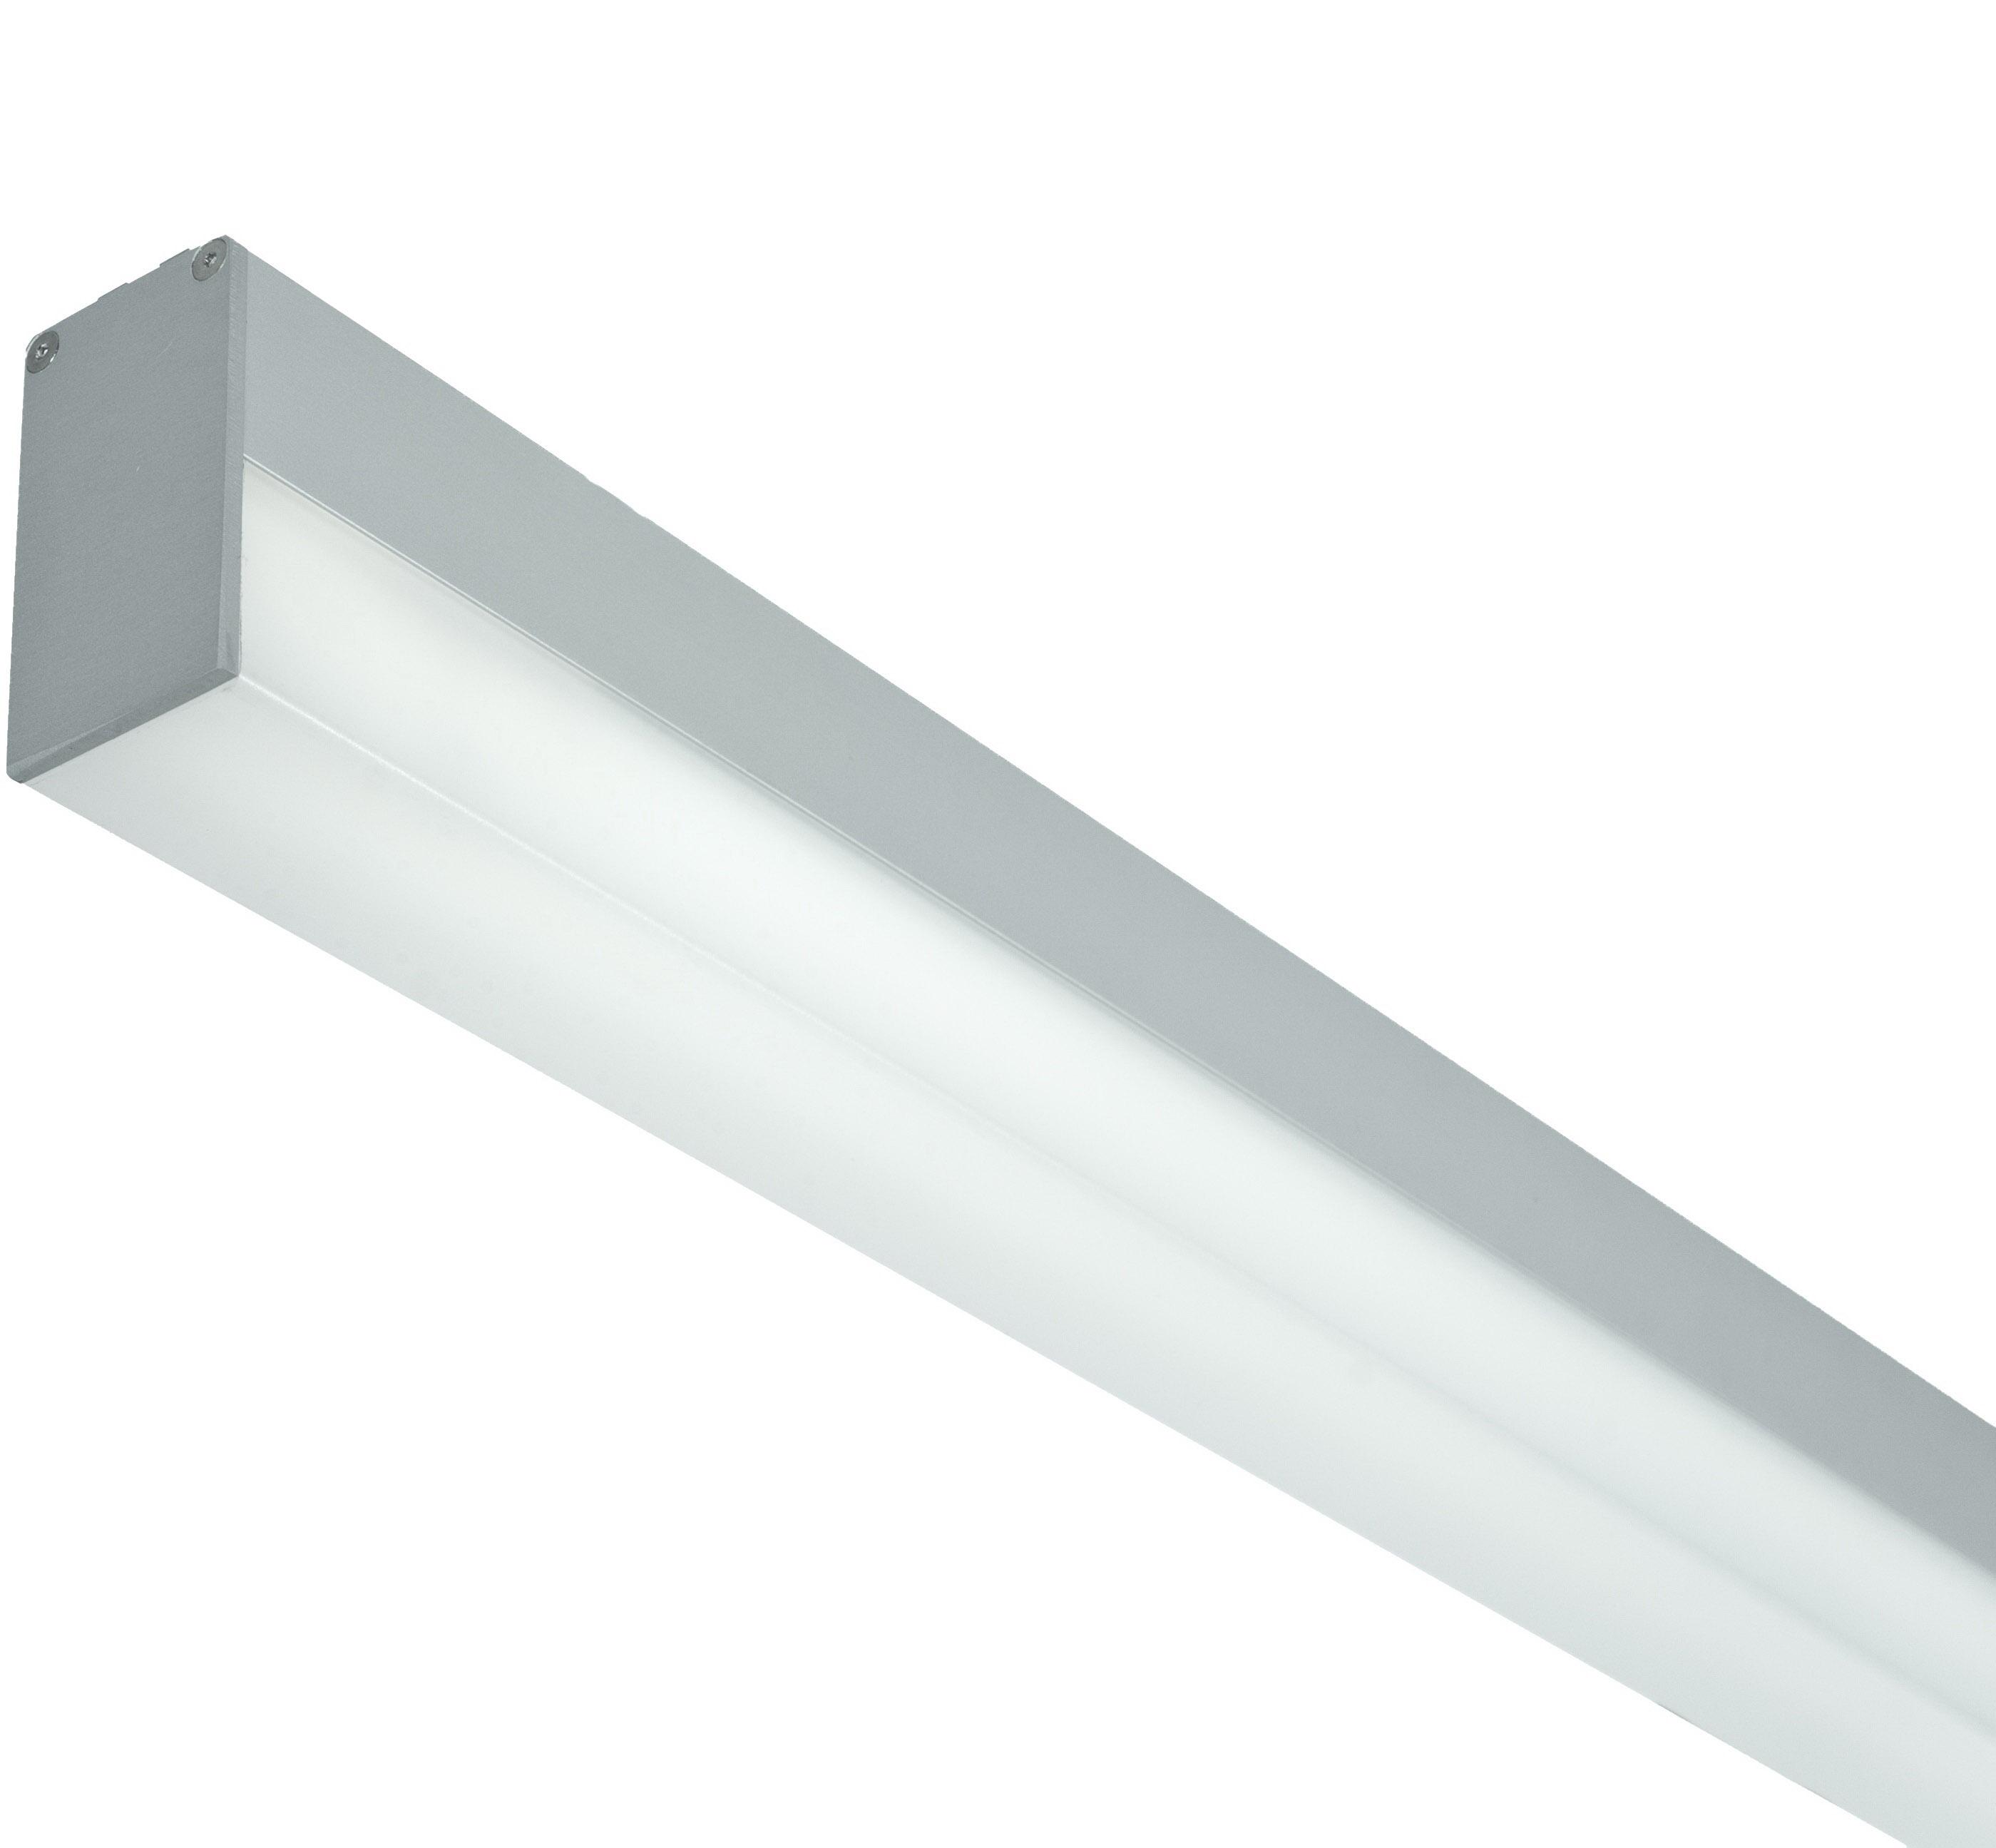 1 Stk LUCIE 1x28W EVG Lichtleiste, hohe opale Abdeckung, eloxiert LI38000012